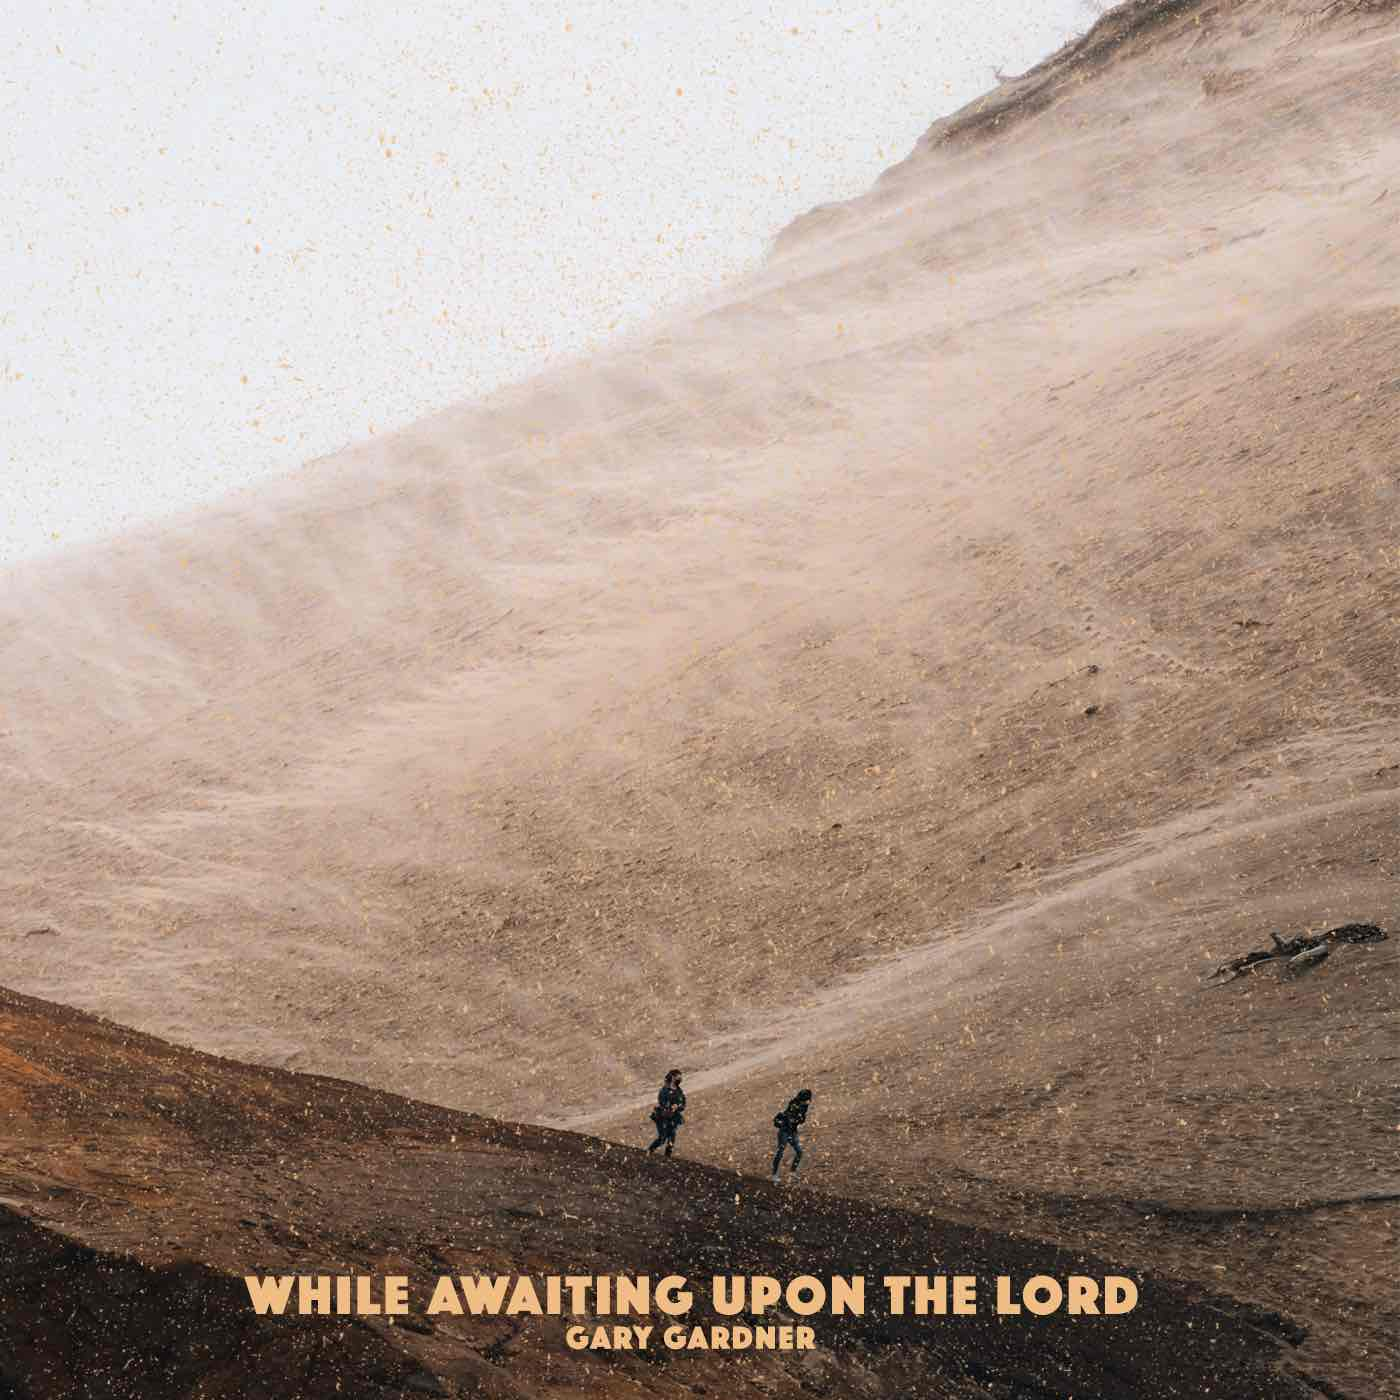 While-Awaiting-Upon-the-Lord-Gary-Gardner